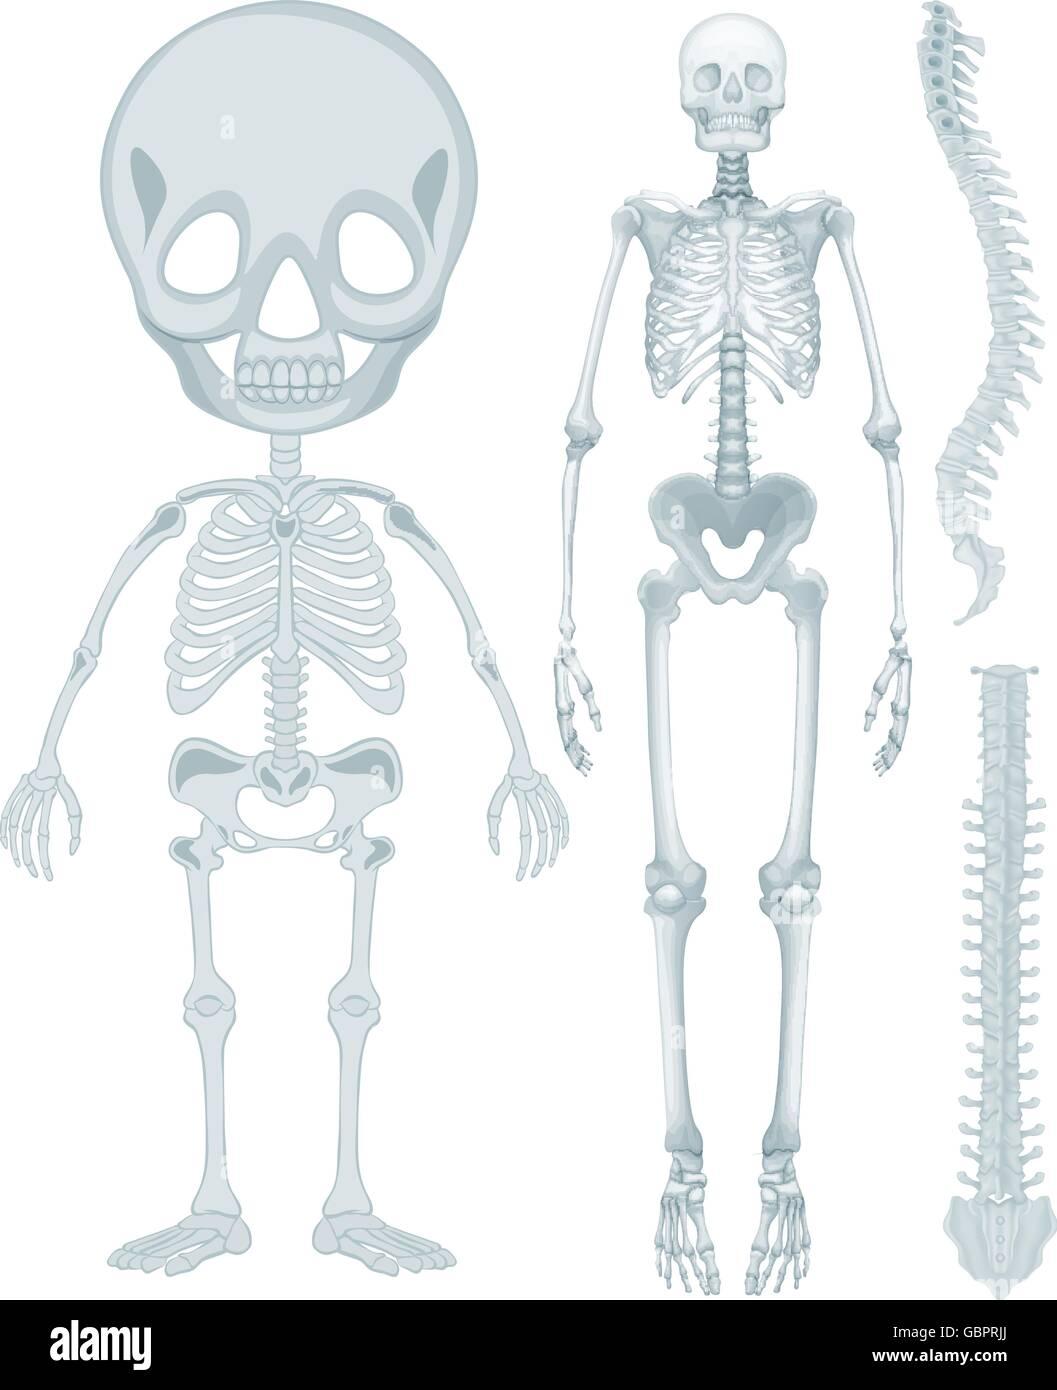 Tolle Menschliches Skelett System Diagramm Galerie - Menschliche ...